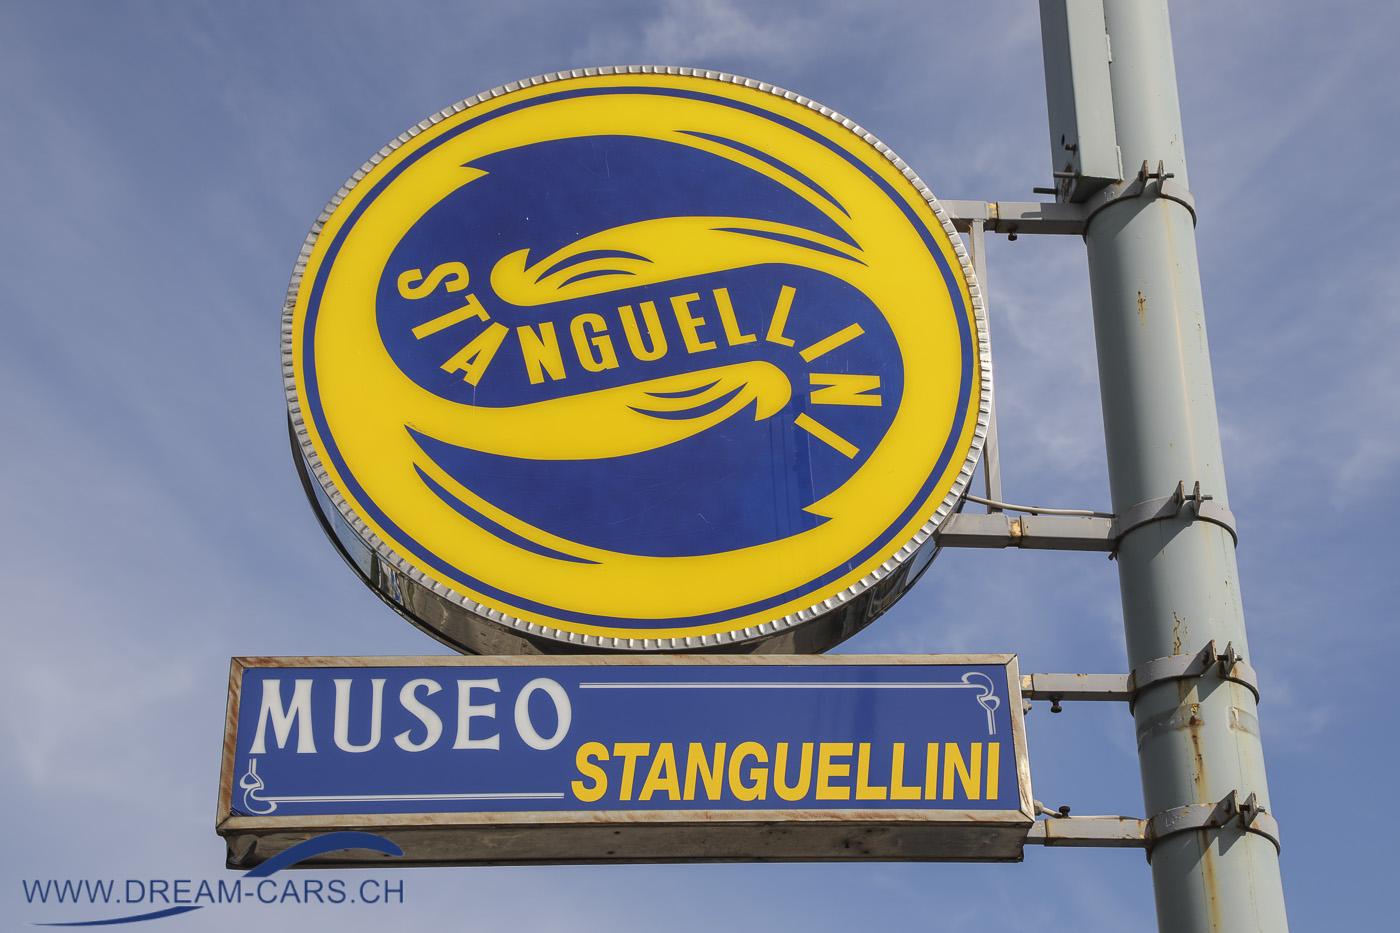 Museo Stanguellini, Modena